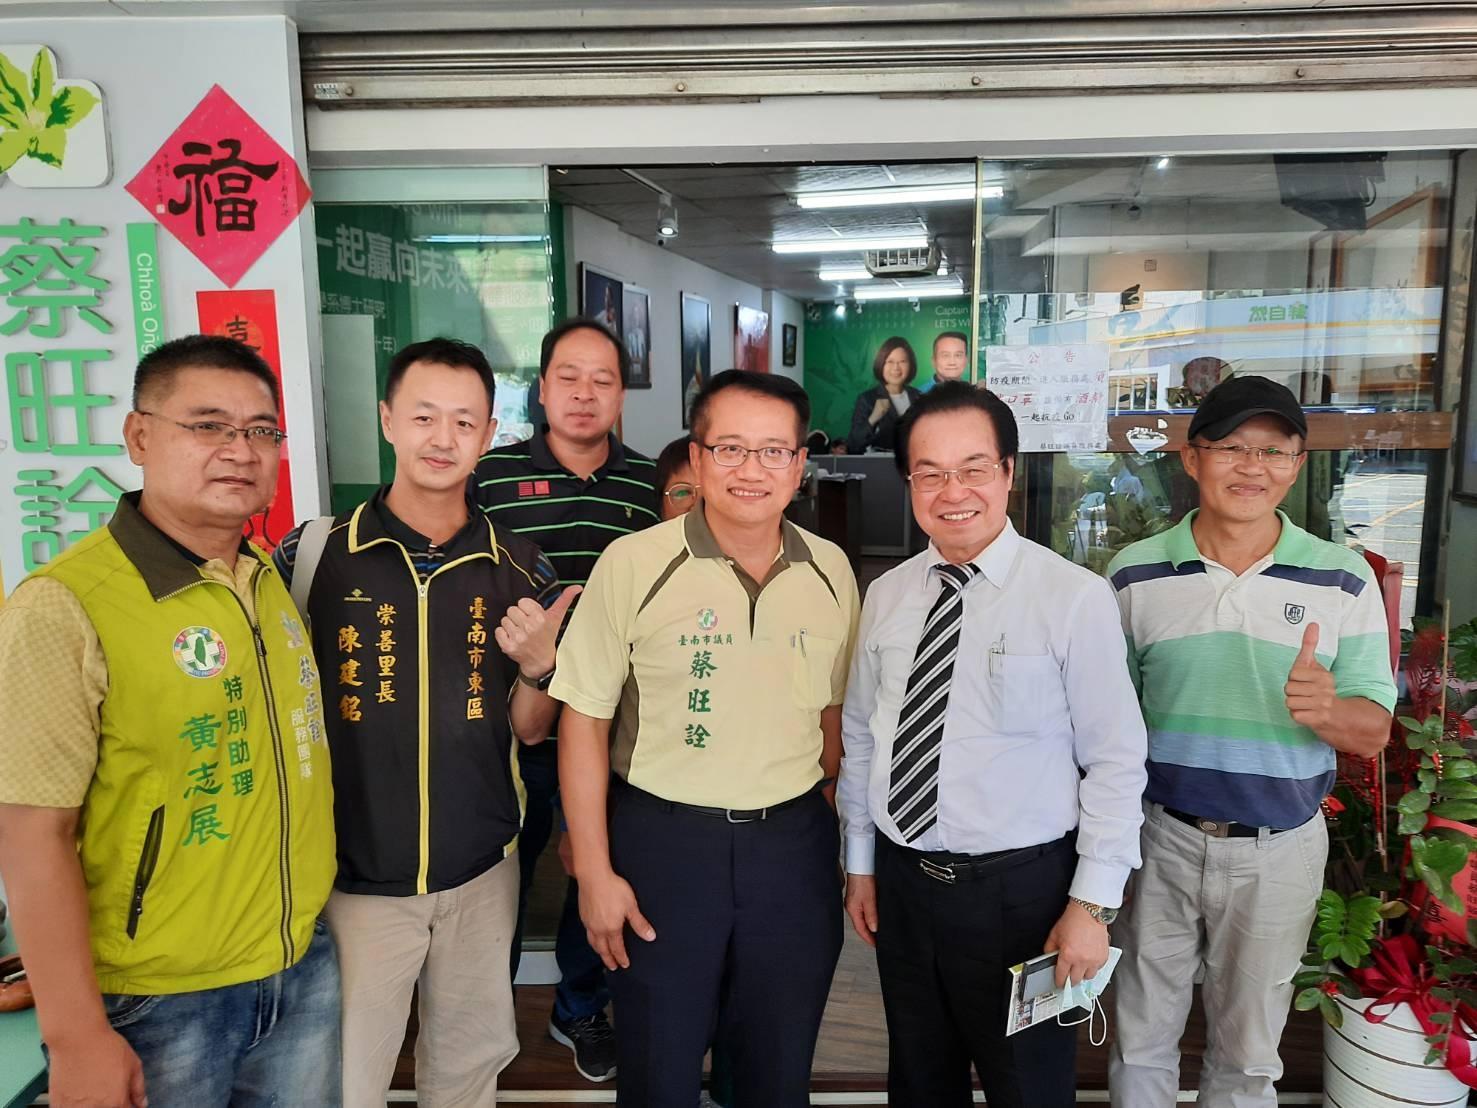 王博士走訪台南據點會見議員里長,公益理念引發共鳴、激起漣漪